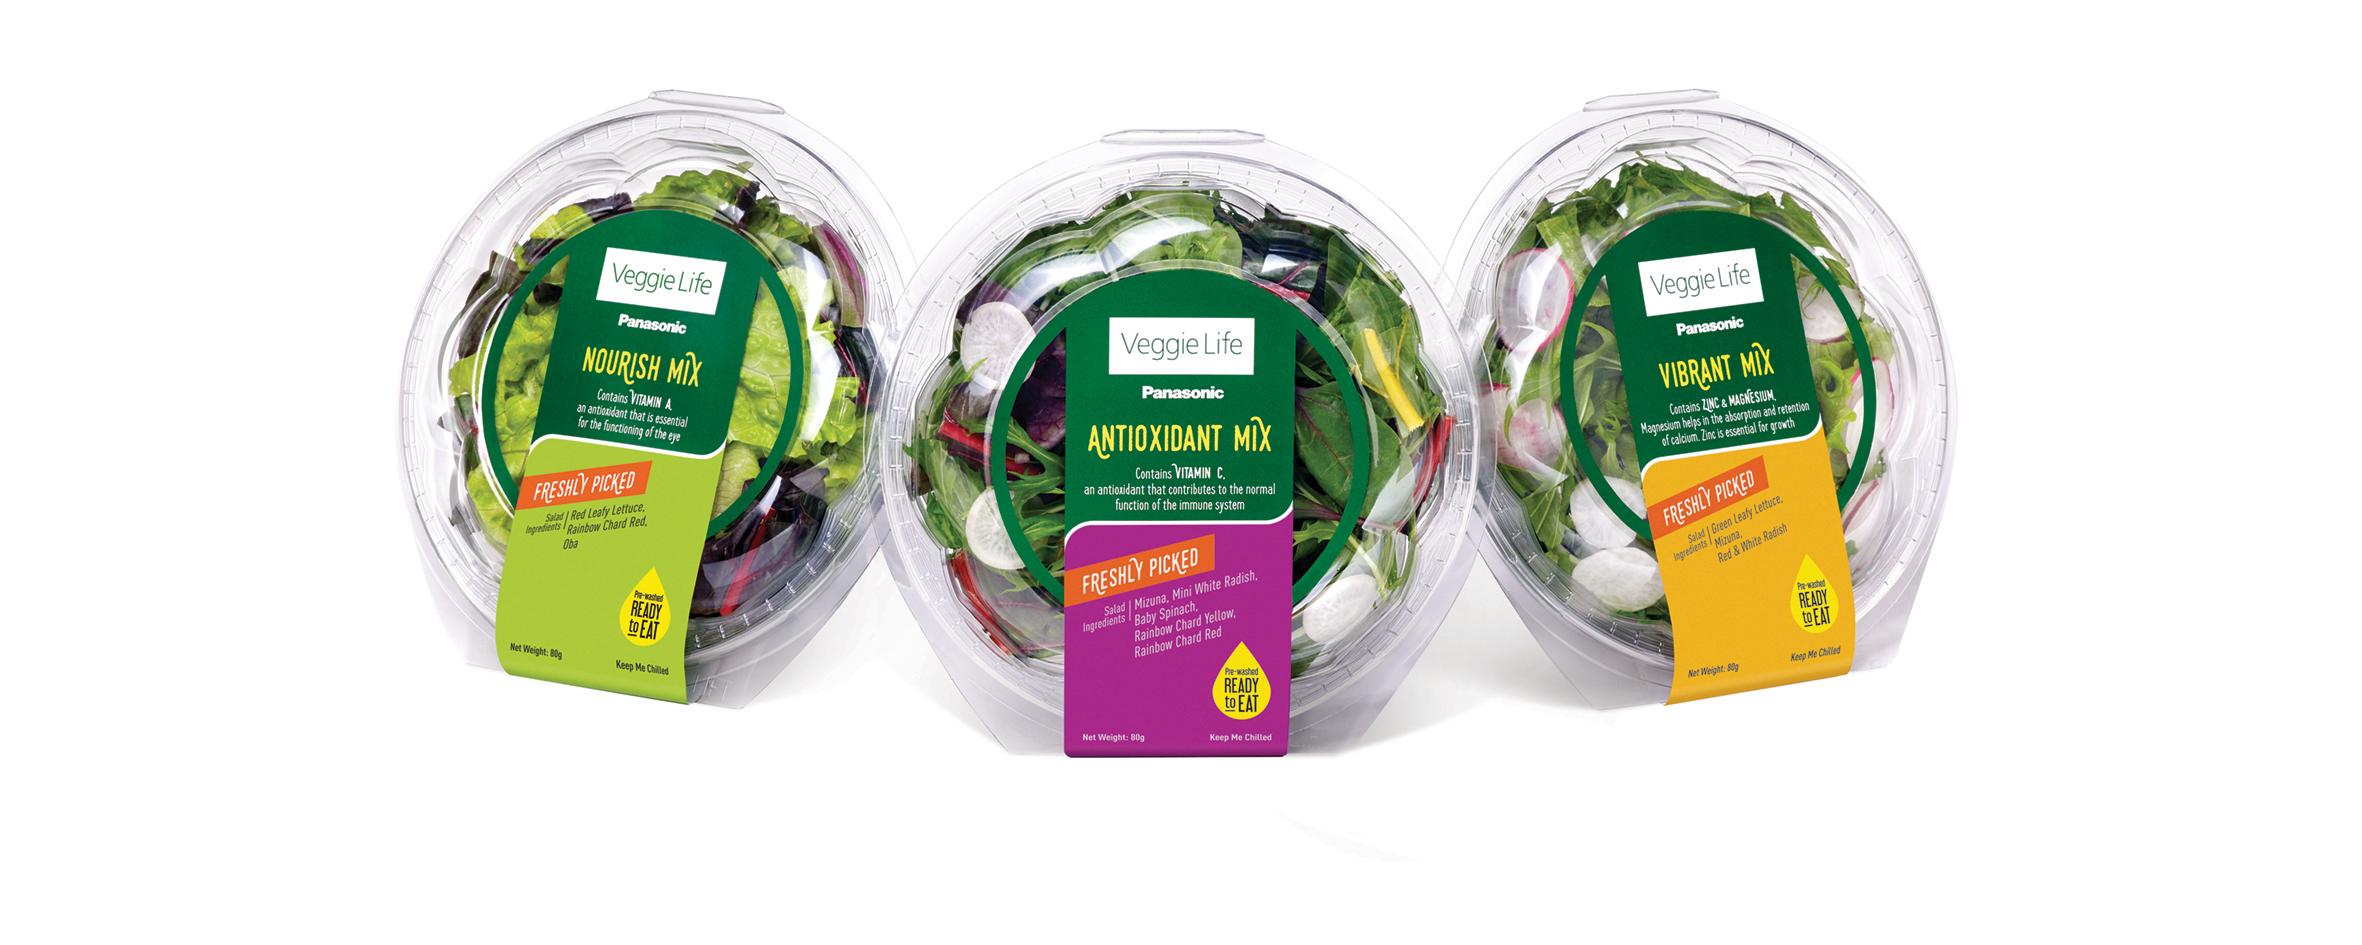 パナソニックの野菜工場で栽培された『Veggie Life』ブランド ミックスサラダ